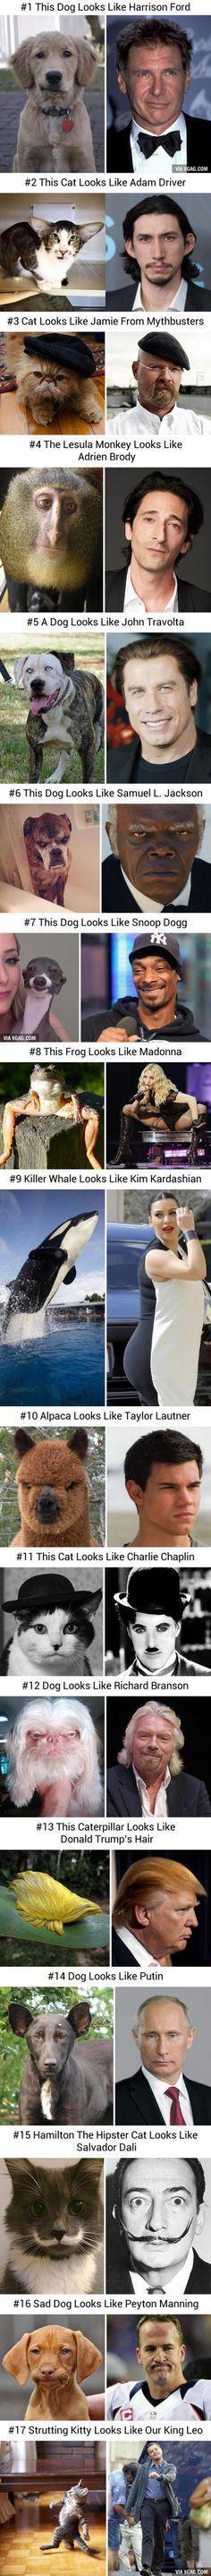 Les animaux qui ressemblent à des célébrités